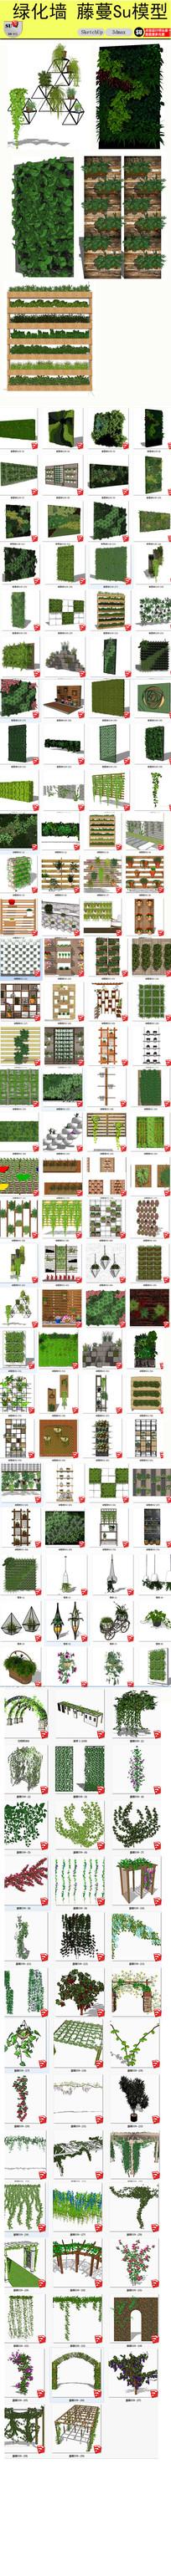 绿植墙藤蔓SU模型